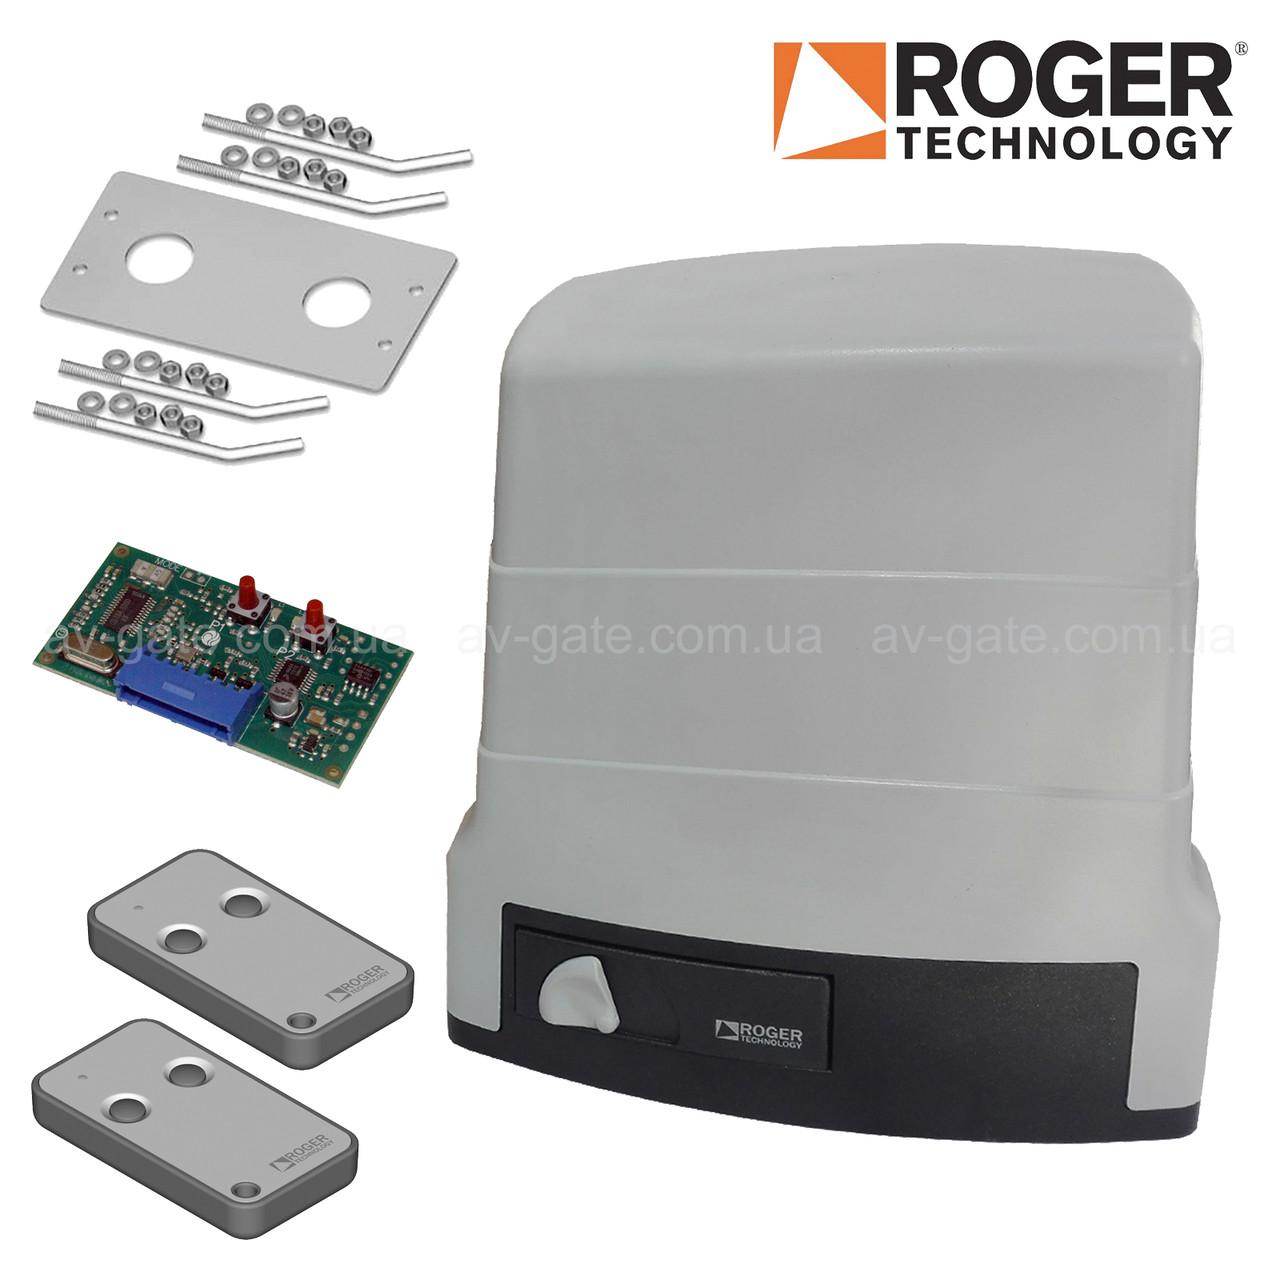 Комплект автоматики H30/640KIT Roger для откатных ворот (масса до 600 кг)